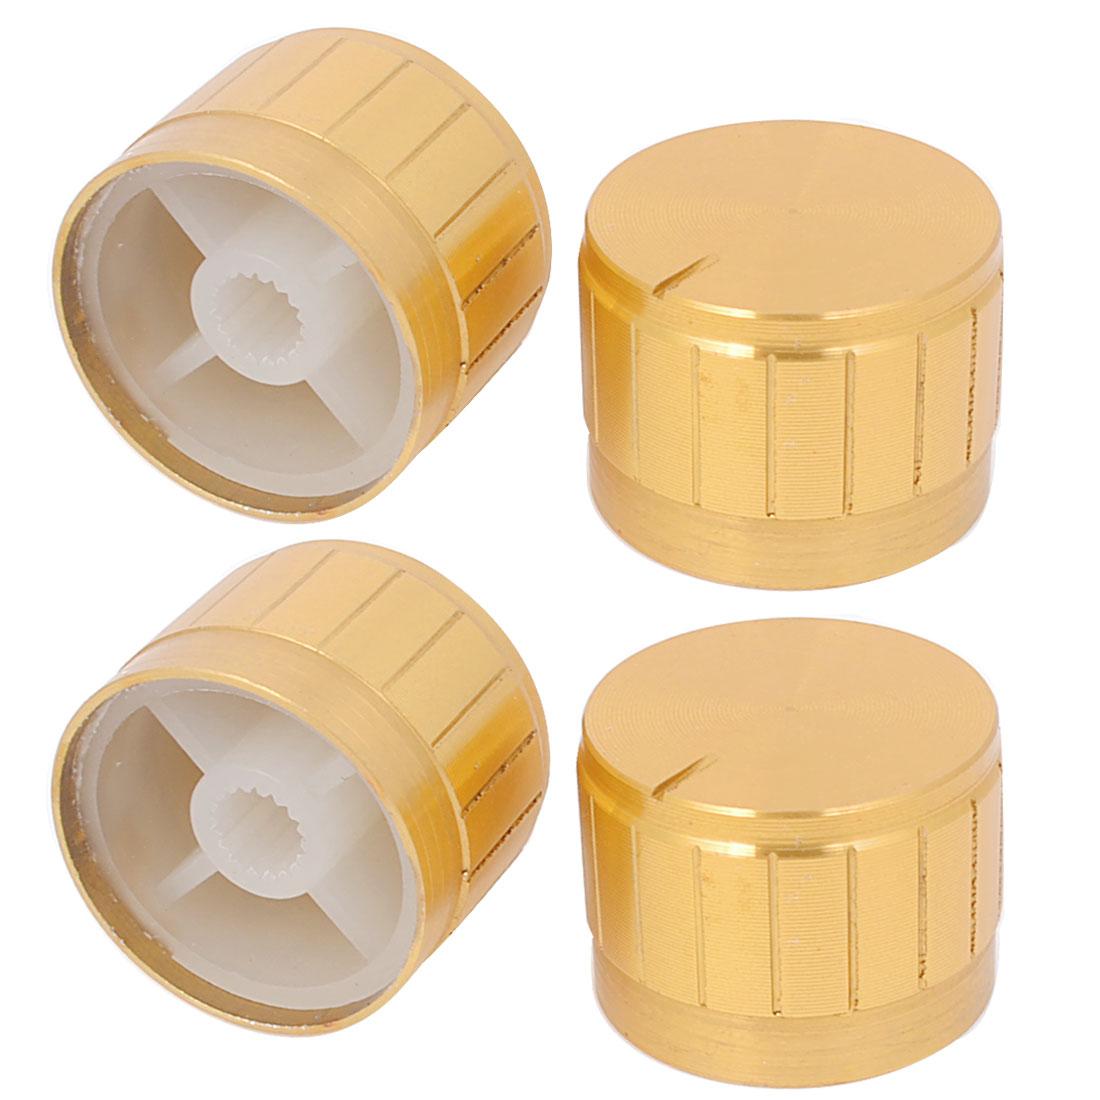 4Pcs 6mm Inner Diameter 23mm Knobs Gold Tone for Potentiometer